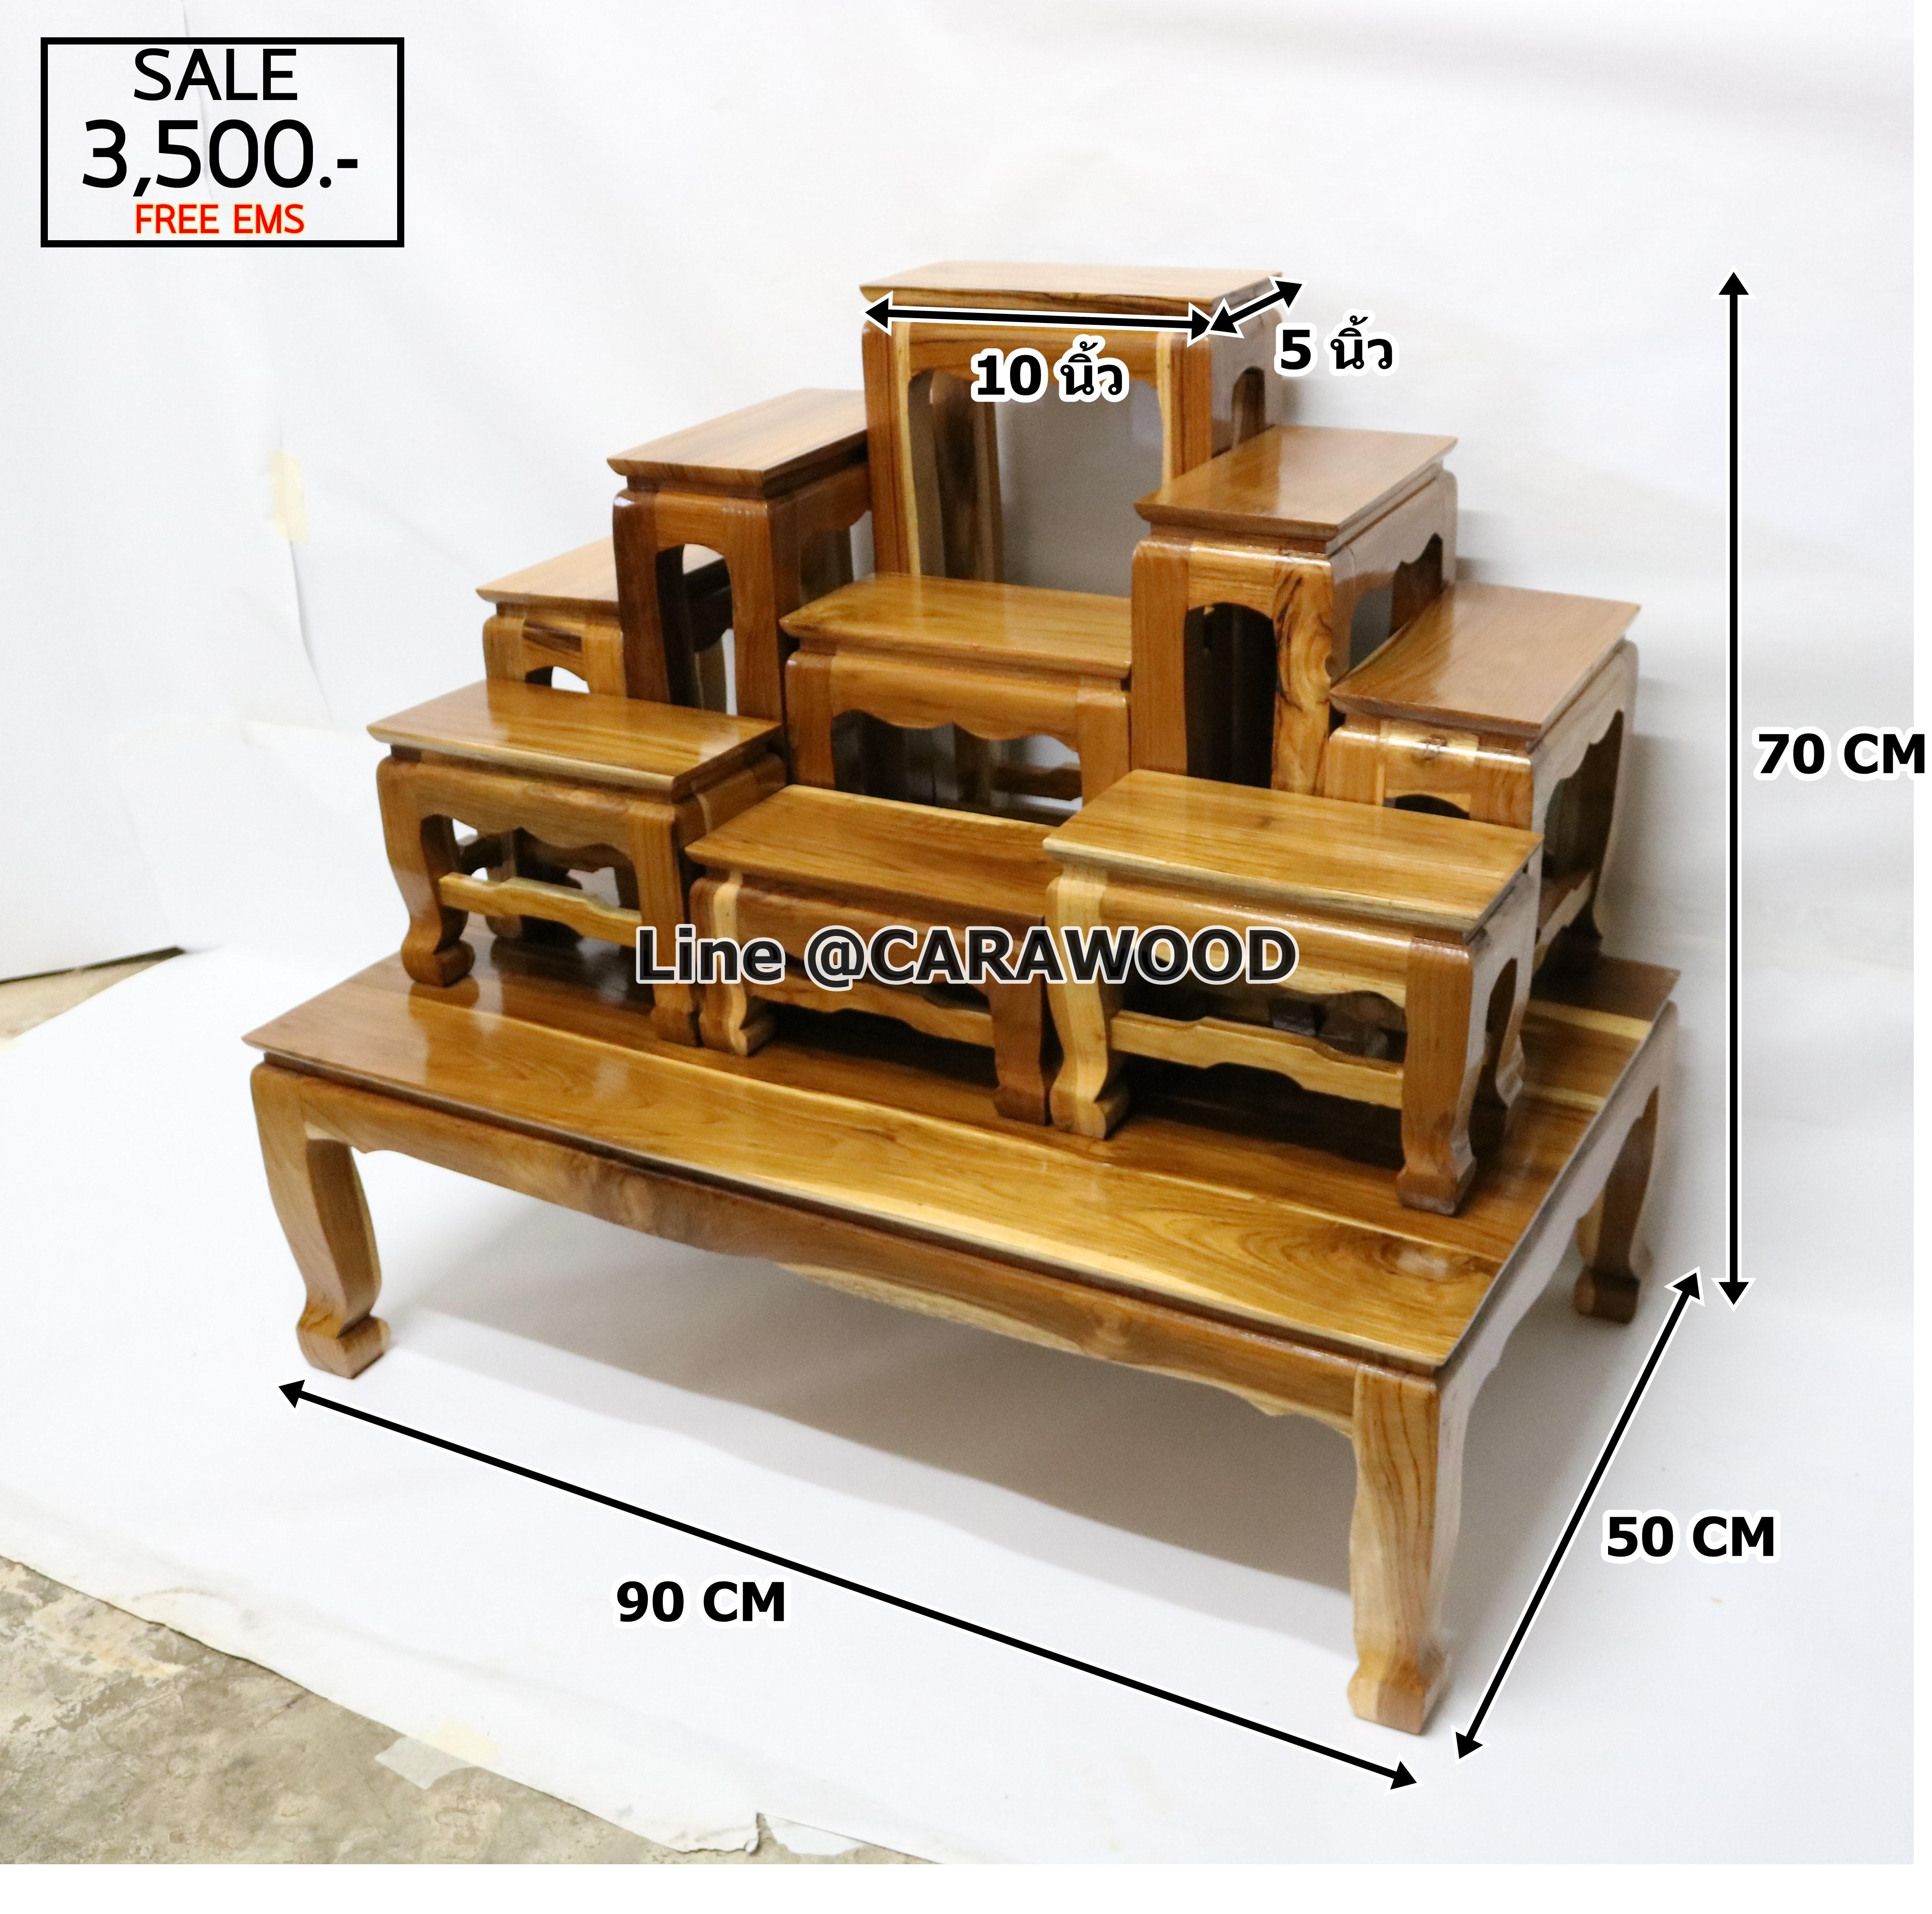 โต๊ะหมู่บูชา หมู่9 หน้า 5 ไม้สักทอง สีเคลือบใส